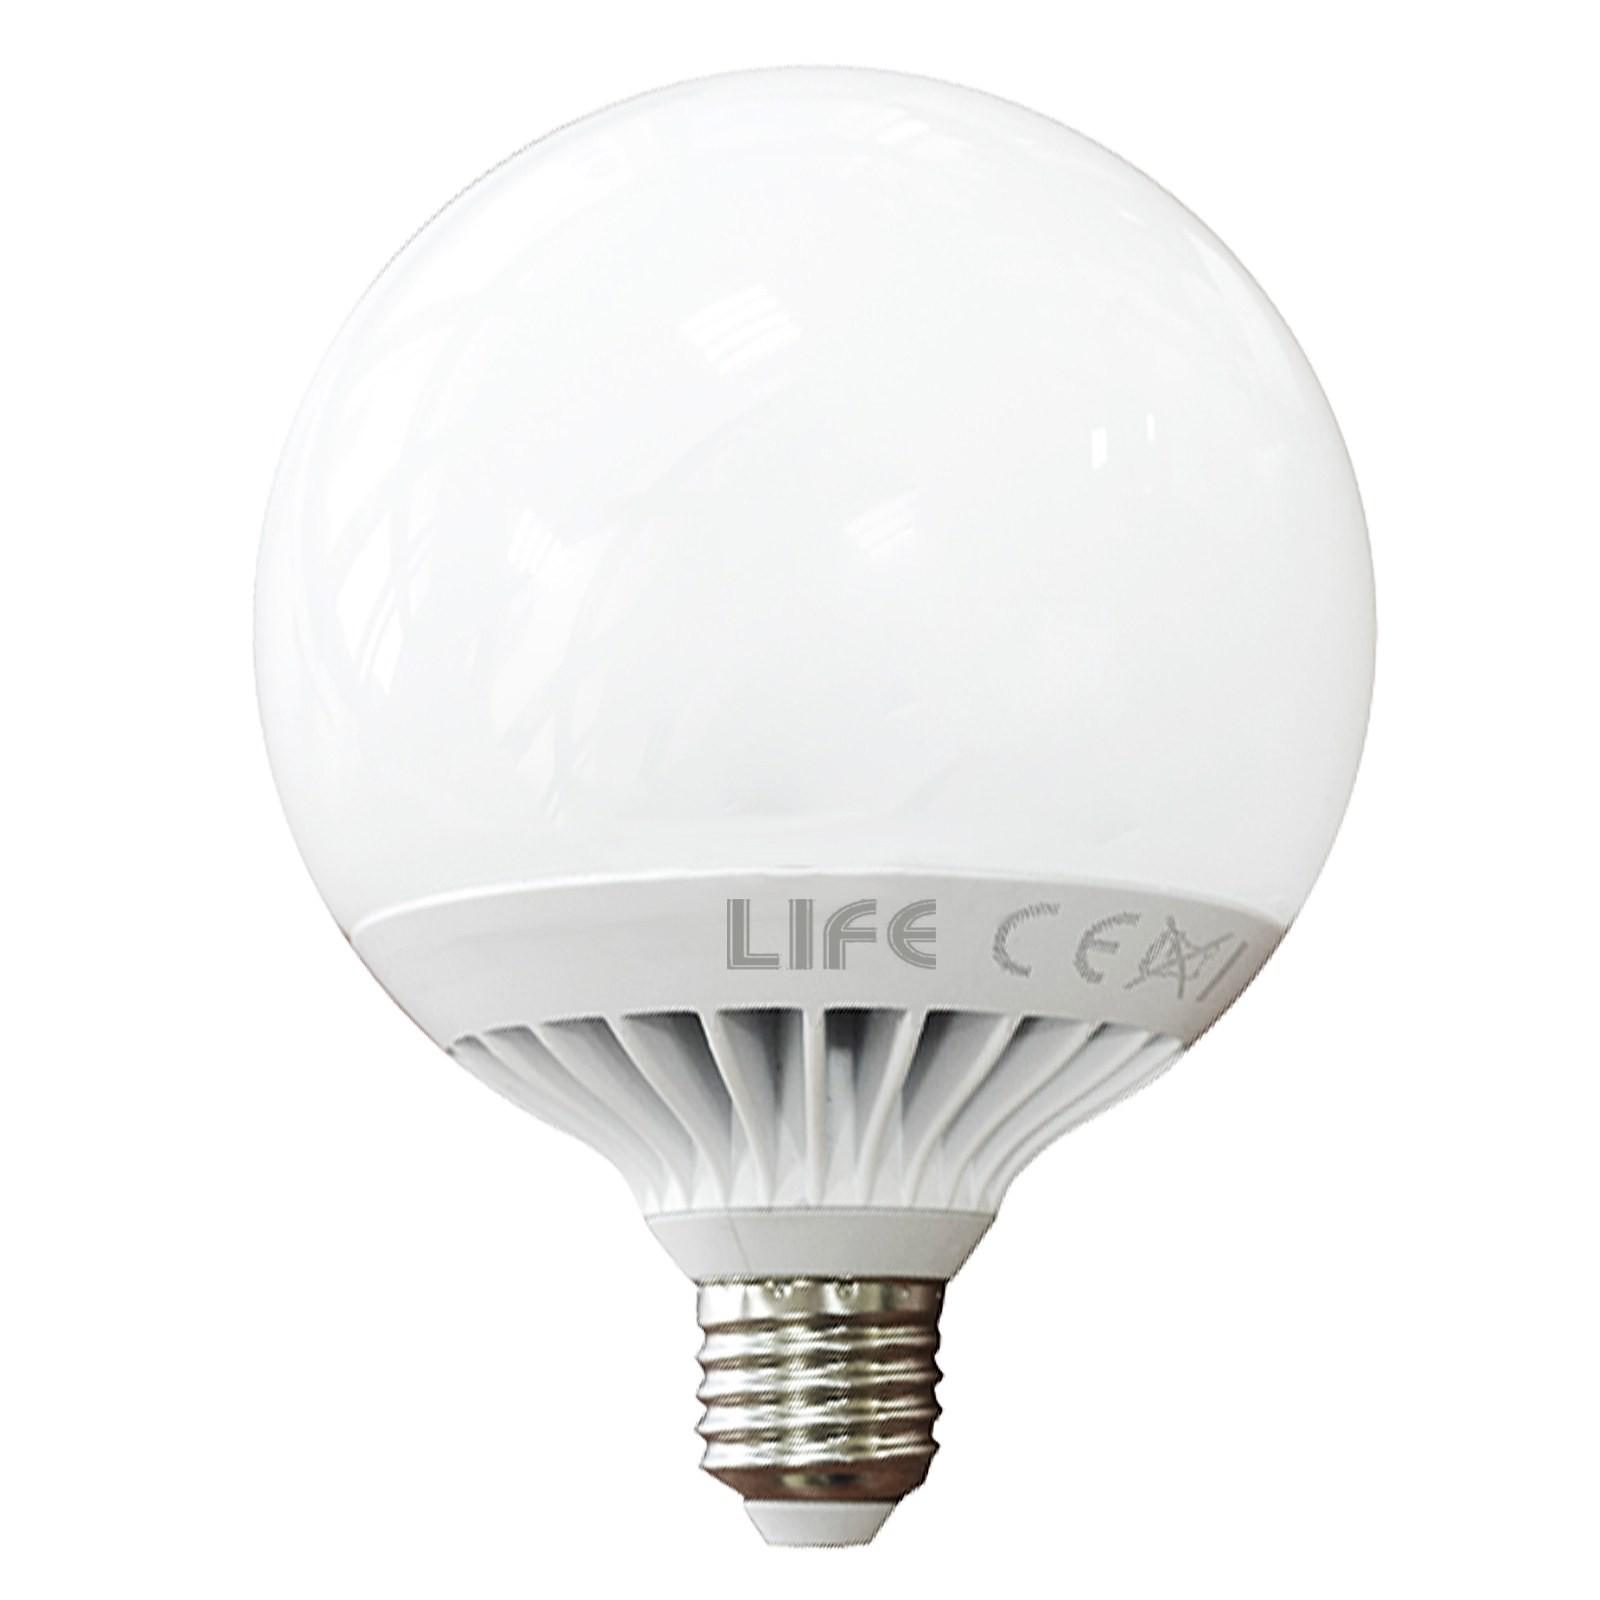 3 PZ LAMPADE LAMPADA LAMPADINA A LED LUCE FREDDA A GLOBO ATTACCO E27 15 W LIFE Vultech Life AMC     -> Lampadine Globo Led Trasparente